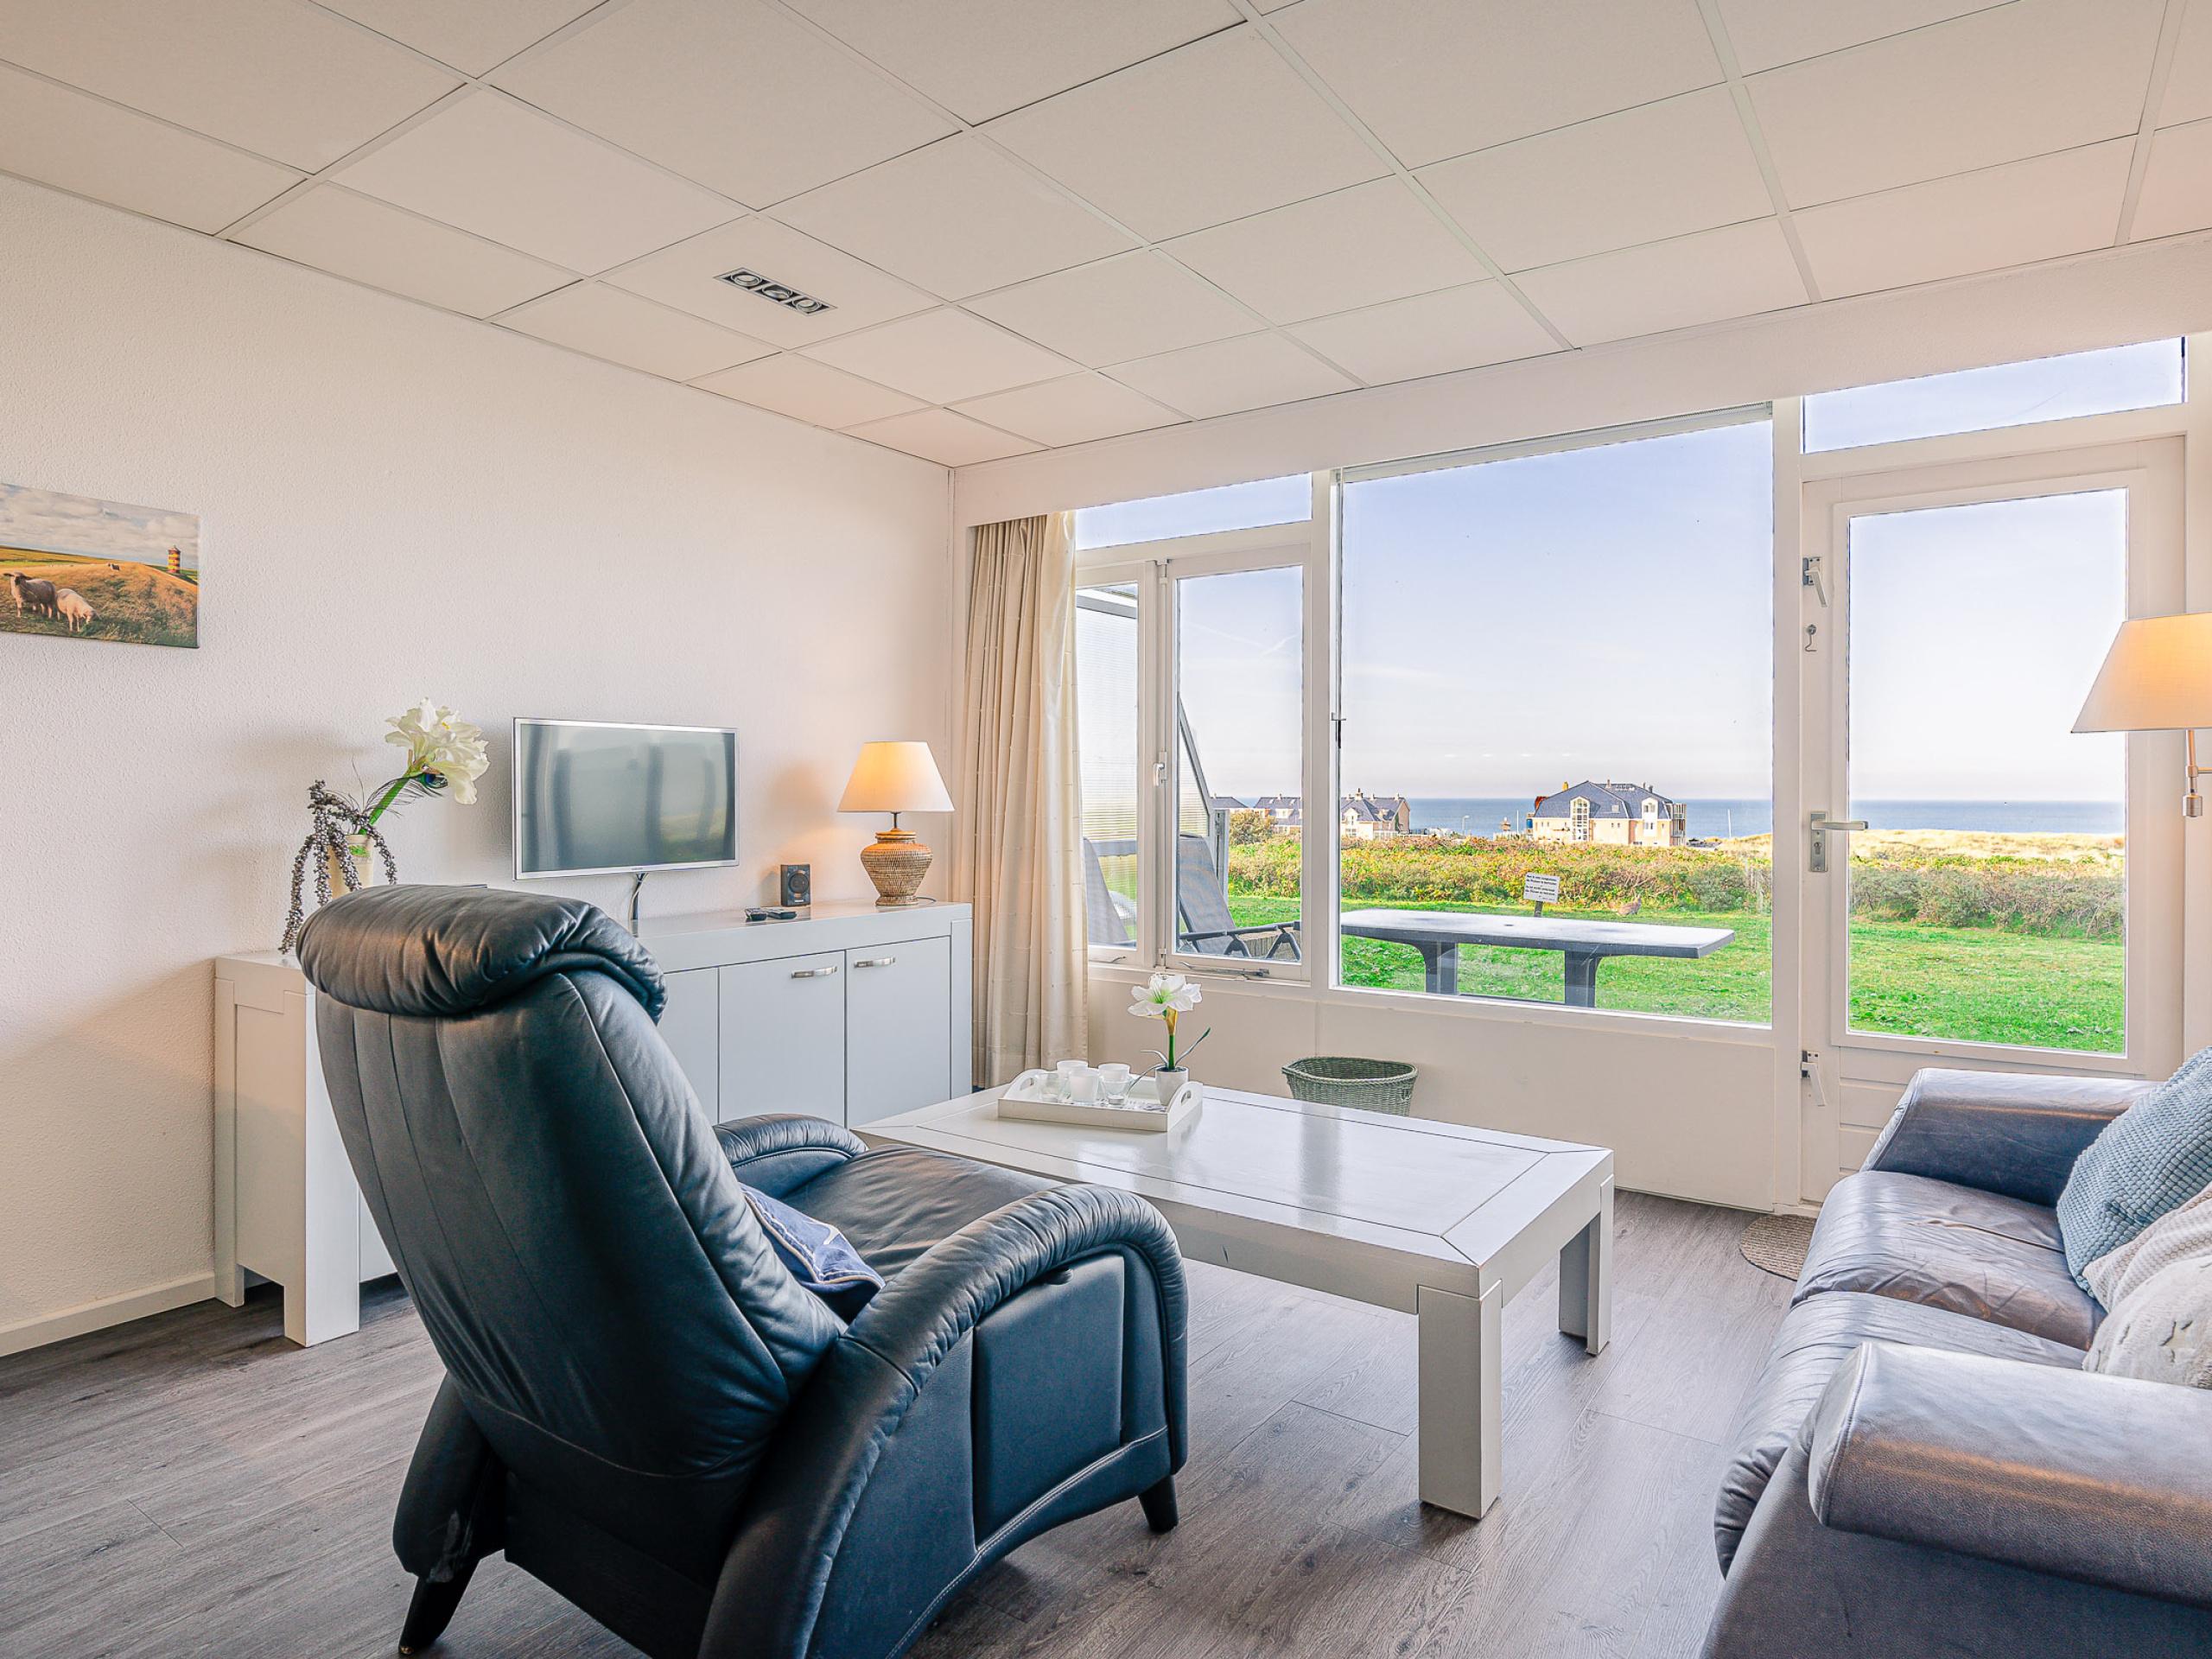 Aangenaam appartement nabij De Koog met uitzicht over Noordzee